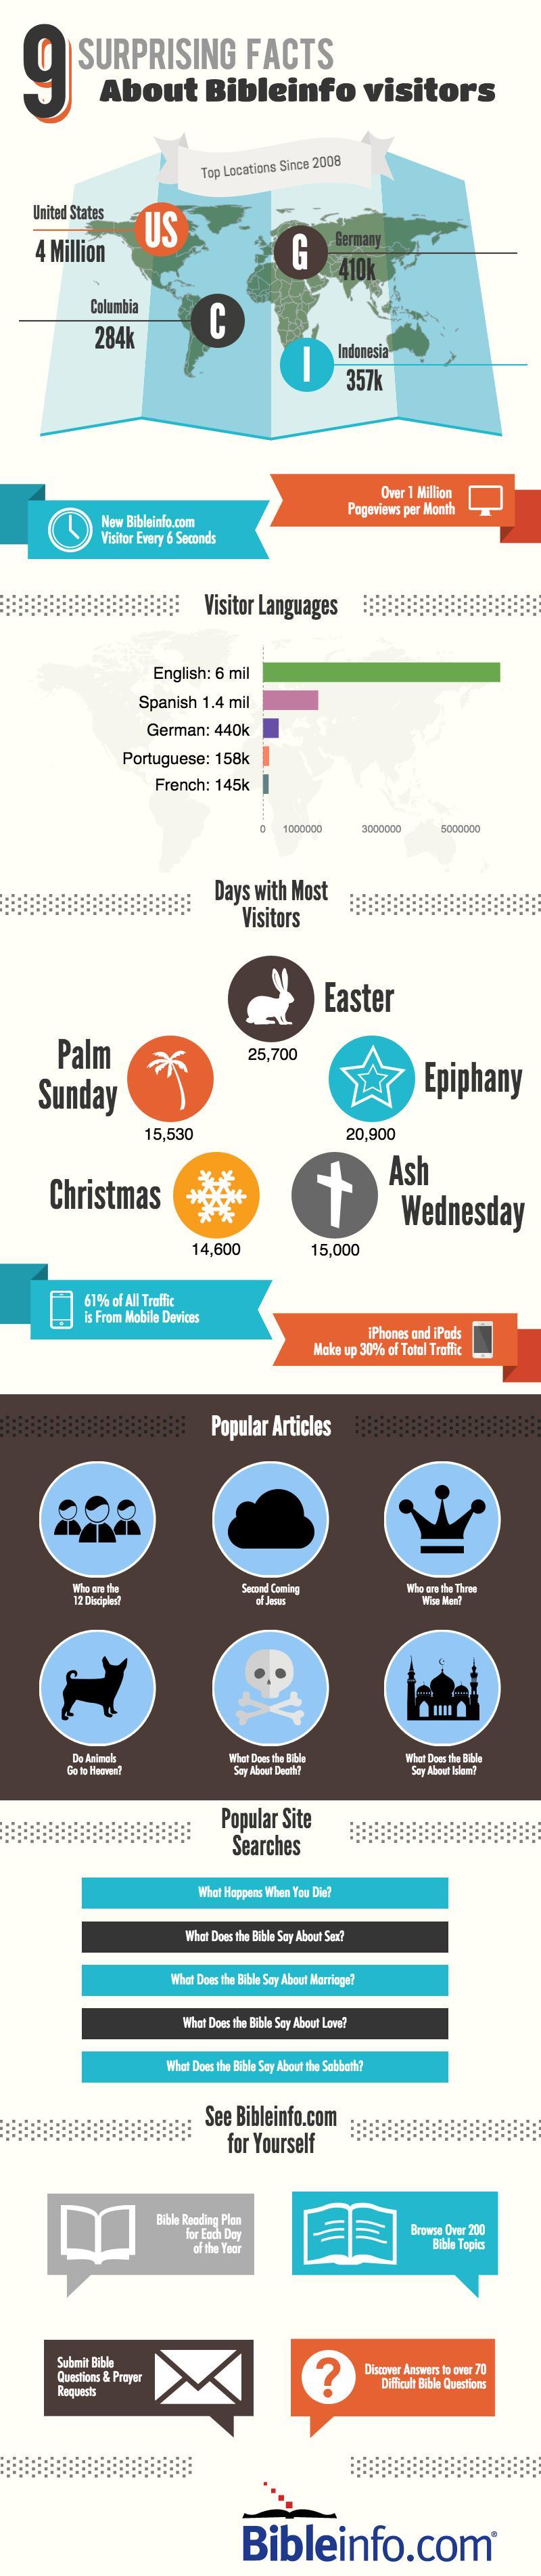 bibleinfo visits